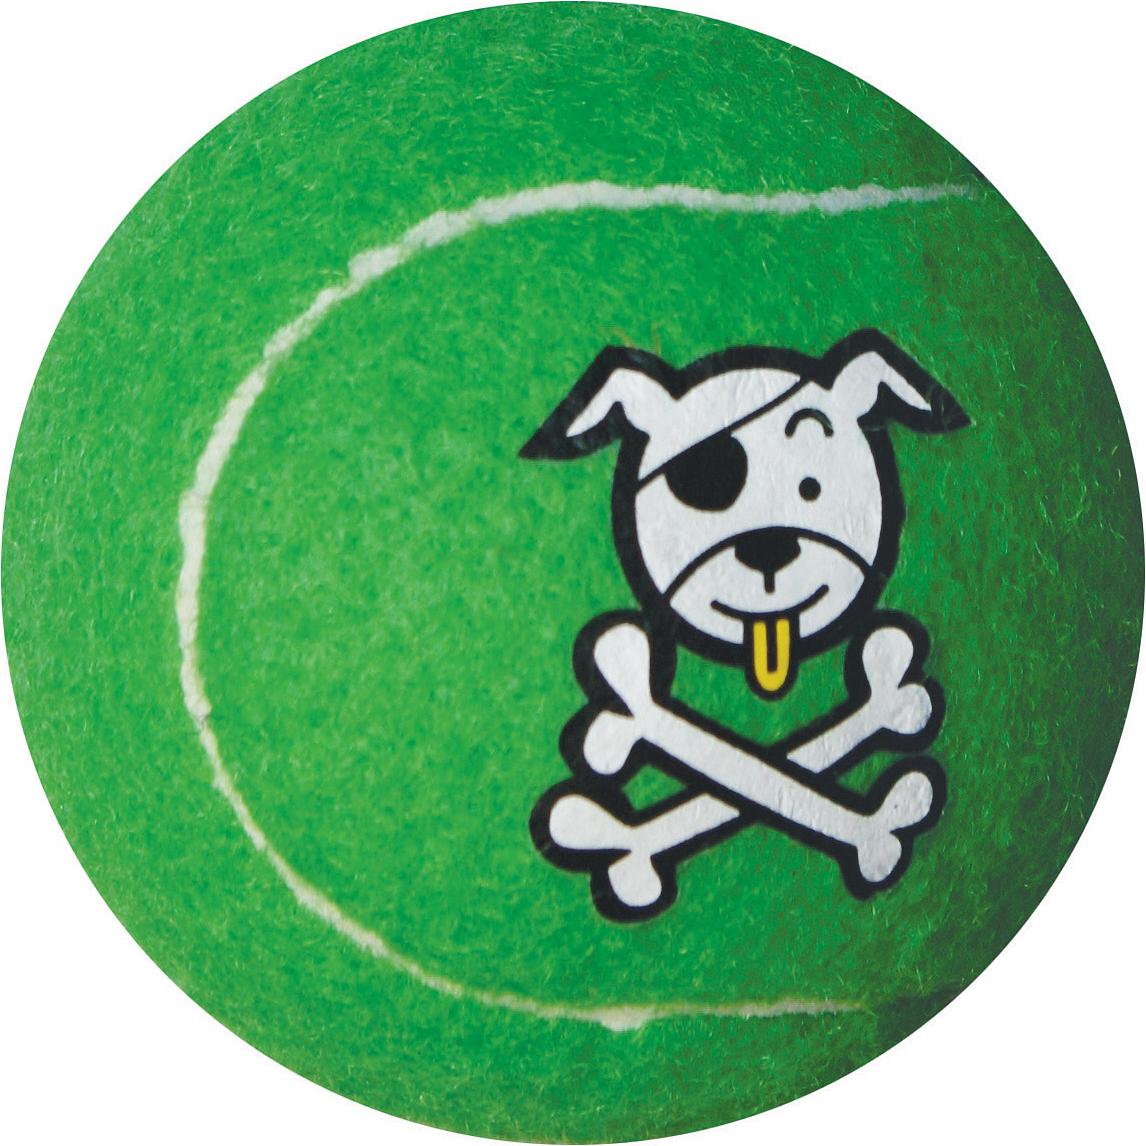 Игрушка для собак Rogz Molecules, цвет: лайм, диаметр 5 см. MC01L0120710Мяч для собак Rogz Molecules предназначен для игры с хозяином Принеси.Специальное покрытие неабразивным материалом (предназначенным для теннисных мячей) предотвращает стирание зубов у собак и не вредит деснам и зубам животного.Хорошая упругость для подпрыгивания. Изготовлено из особого термоэластопласта Sebs, обеспечивающего великолепную плавучесть в воде.